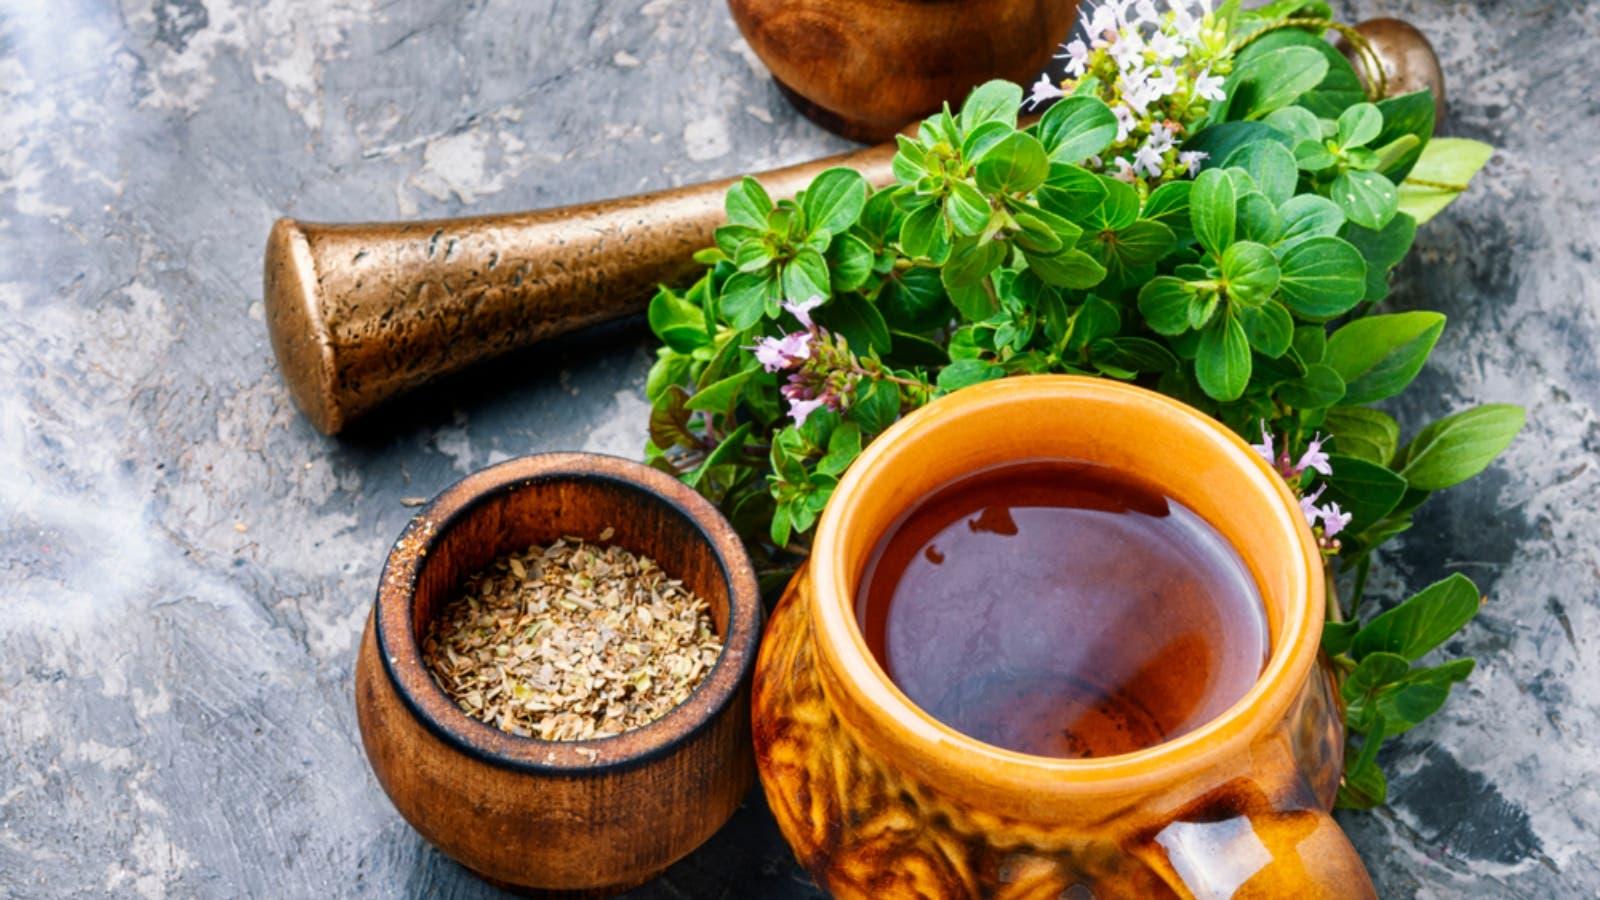 فوائد عديدة وصحية للنبات البردقوش.. أهمها تنظيم الدورة الشهرية